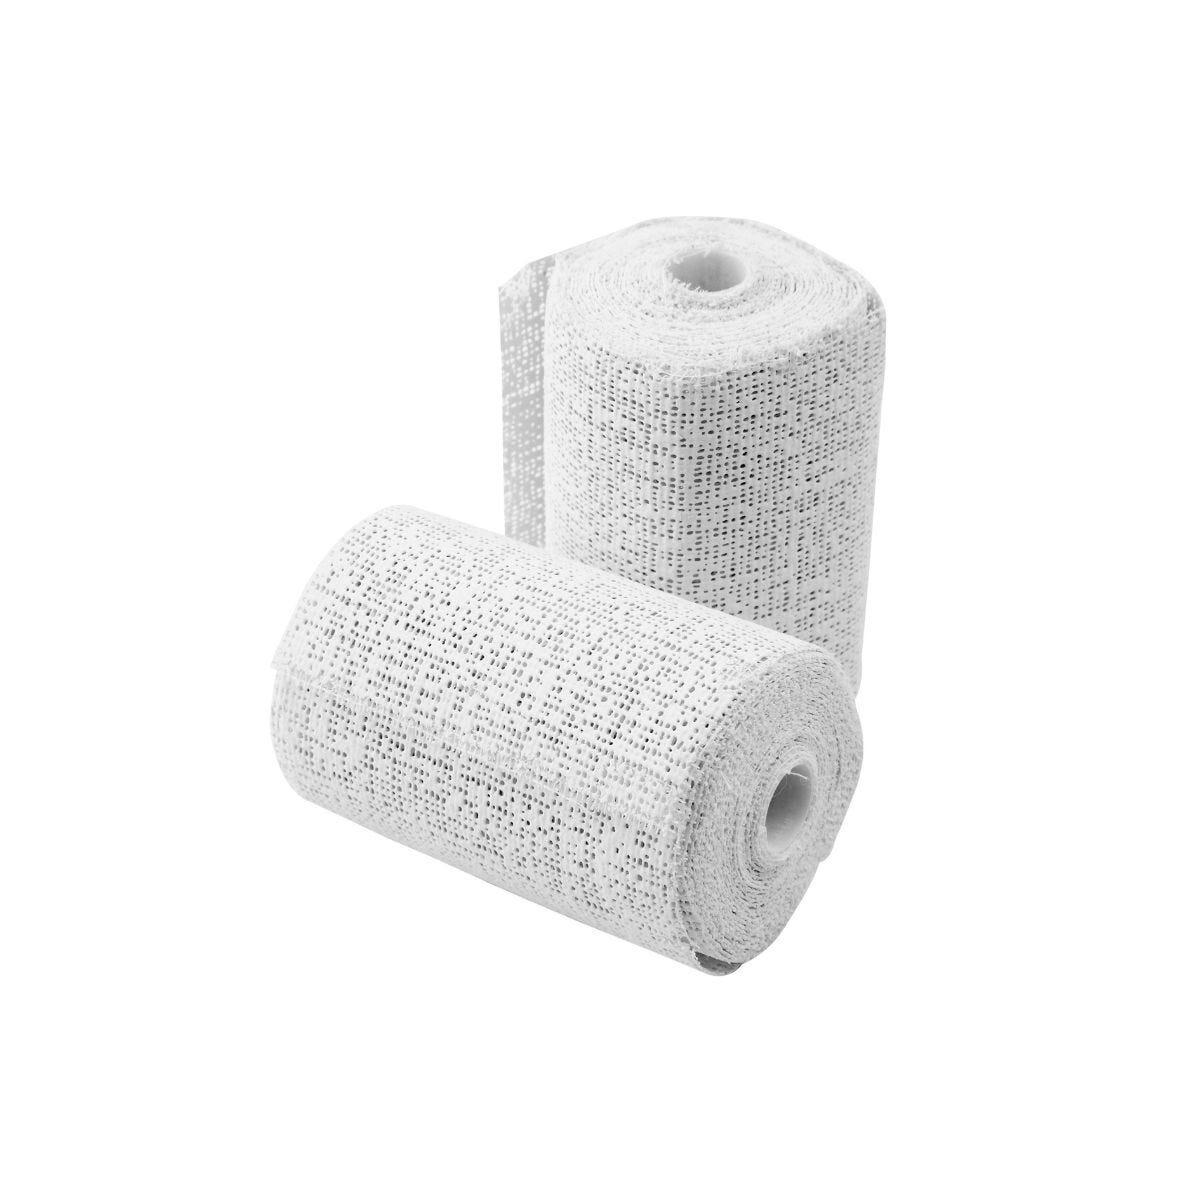 Plaster Modelling Bandage Pack of 2 Rolls